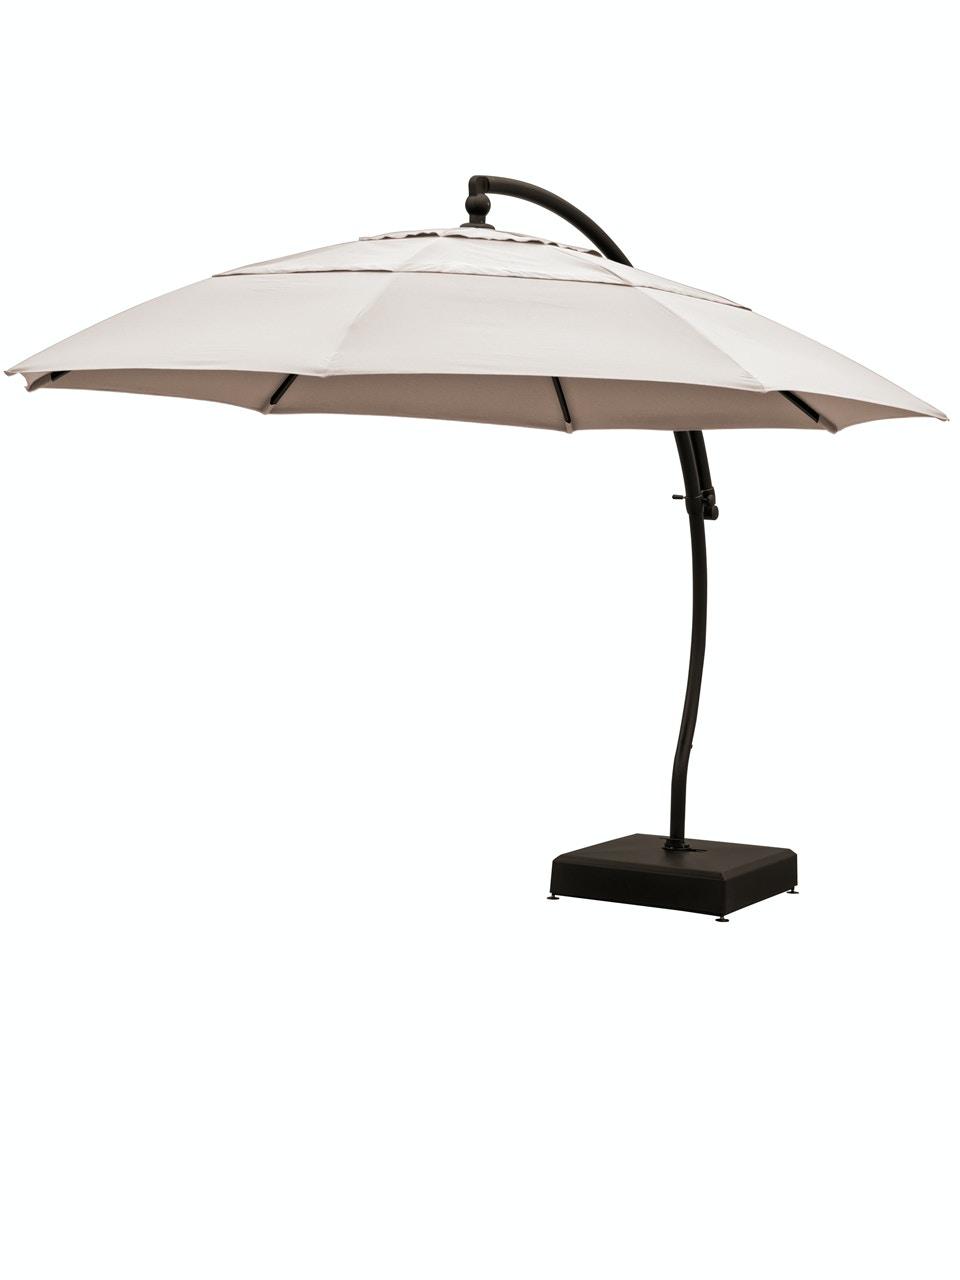 living room treasure garden 13 ft vanilla aluminum cantilever umbrella ag7813 2680049